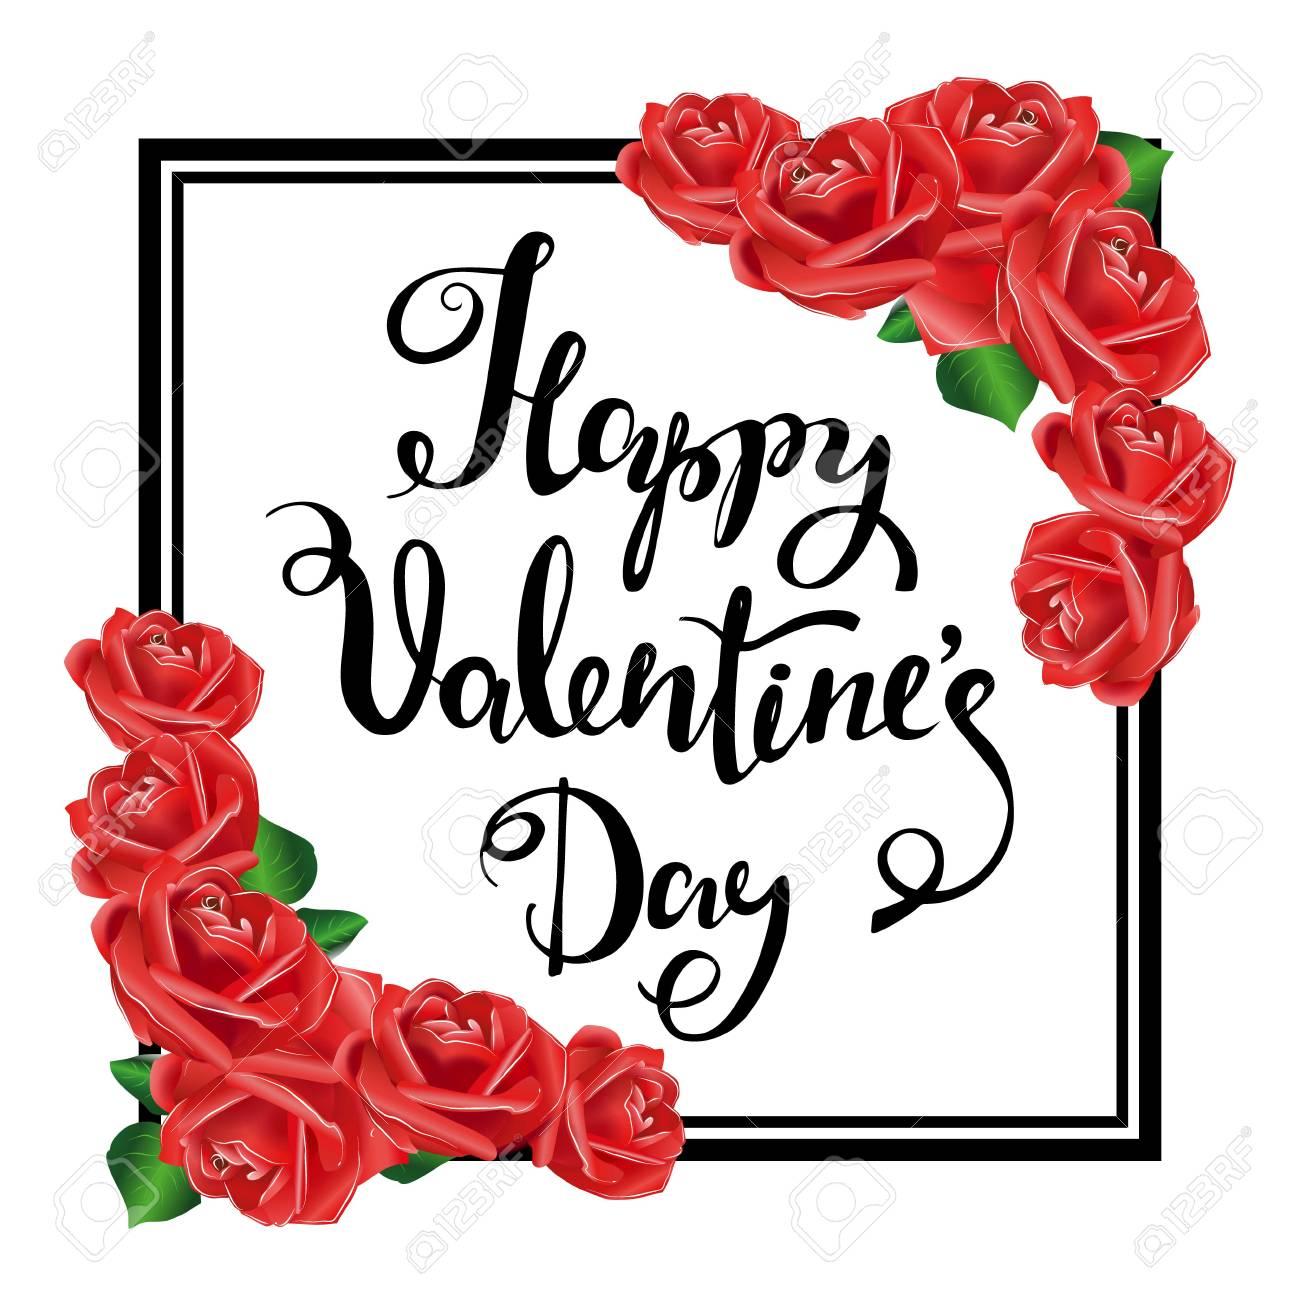 Feliz Dia De San Valentin Marco Negro Rosas Rojas Dibujo A Mano Diseno De Letras Tarjeta Postal Invitaciones Del Partido Ilustracion Del